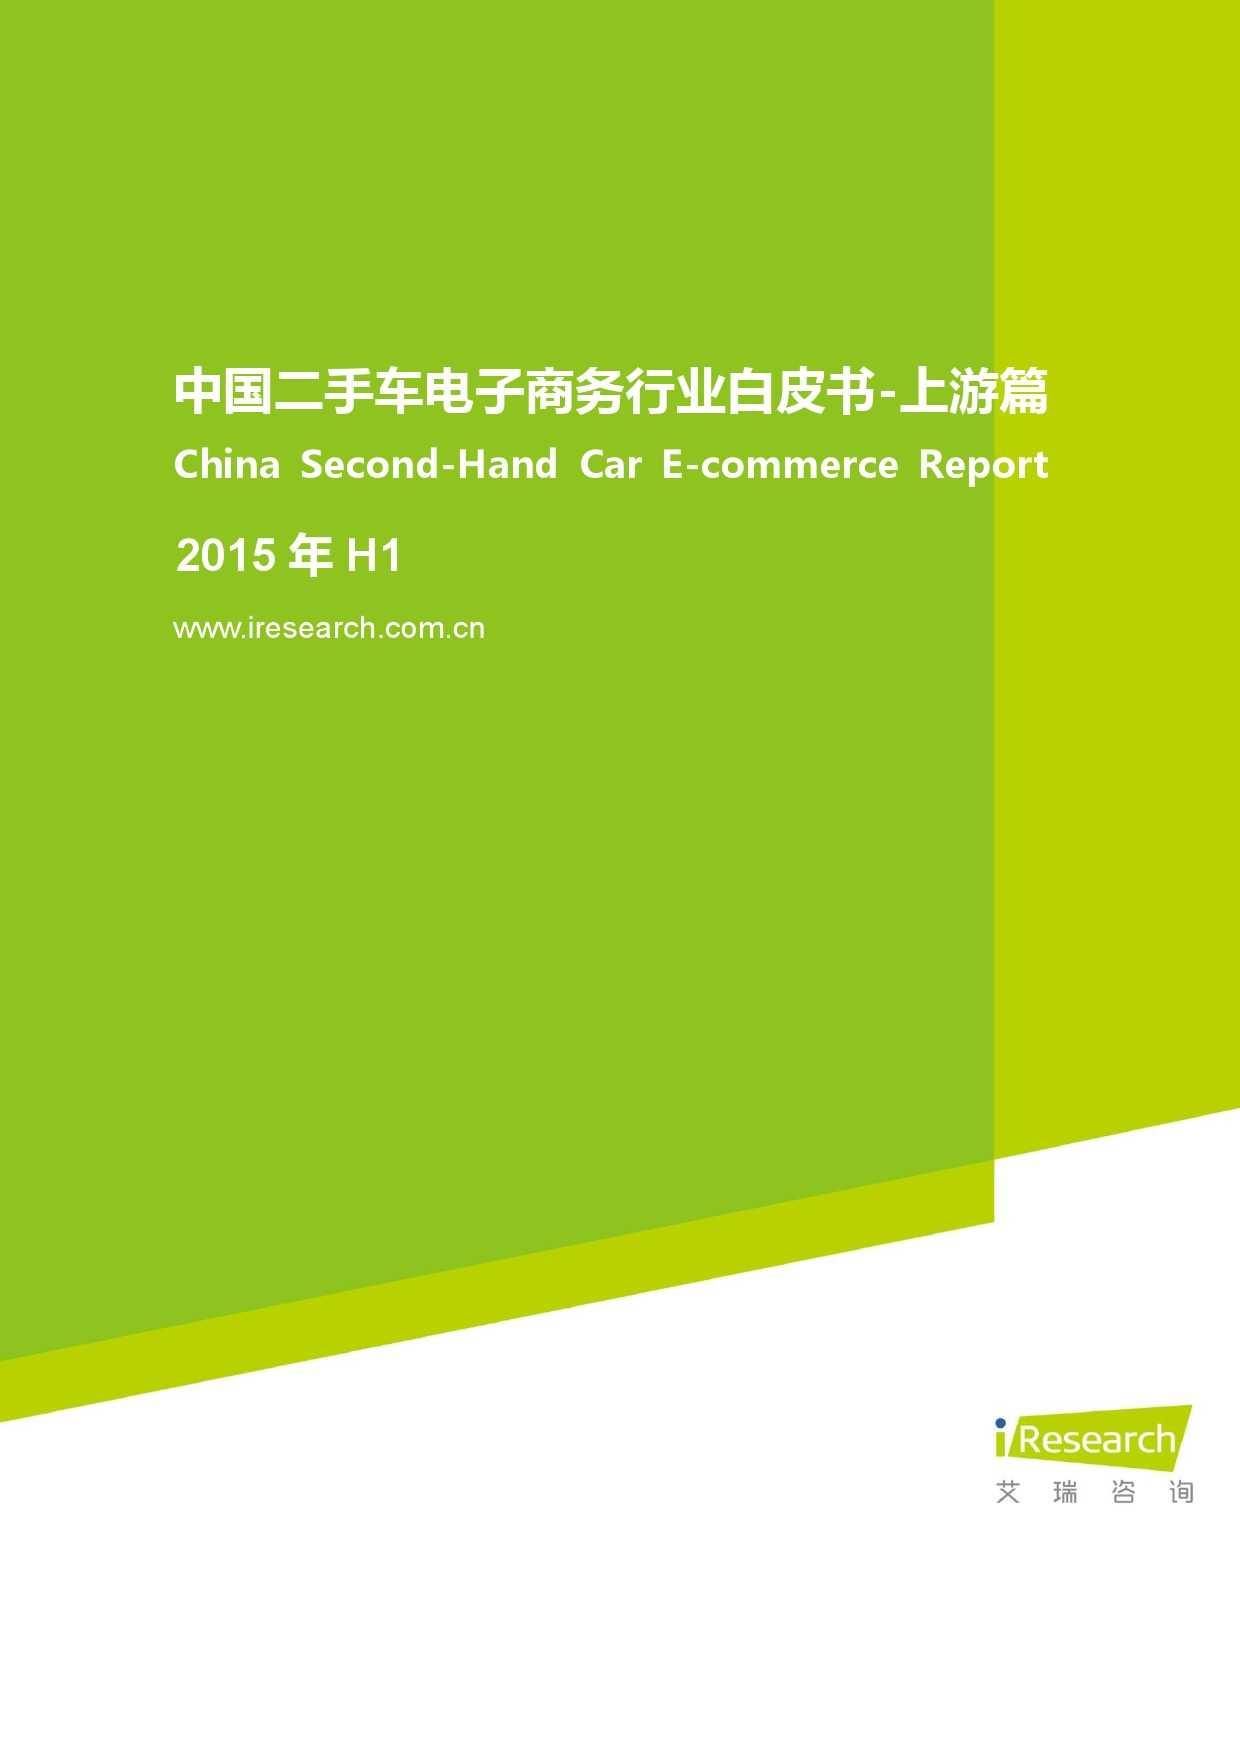 2015年中国二手车电子商务行业白皮书-上游篇_000001